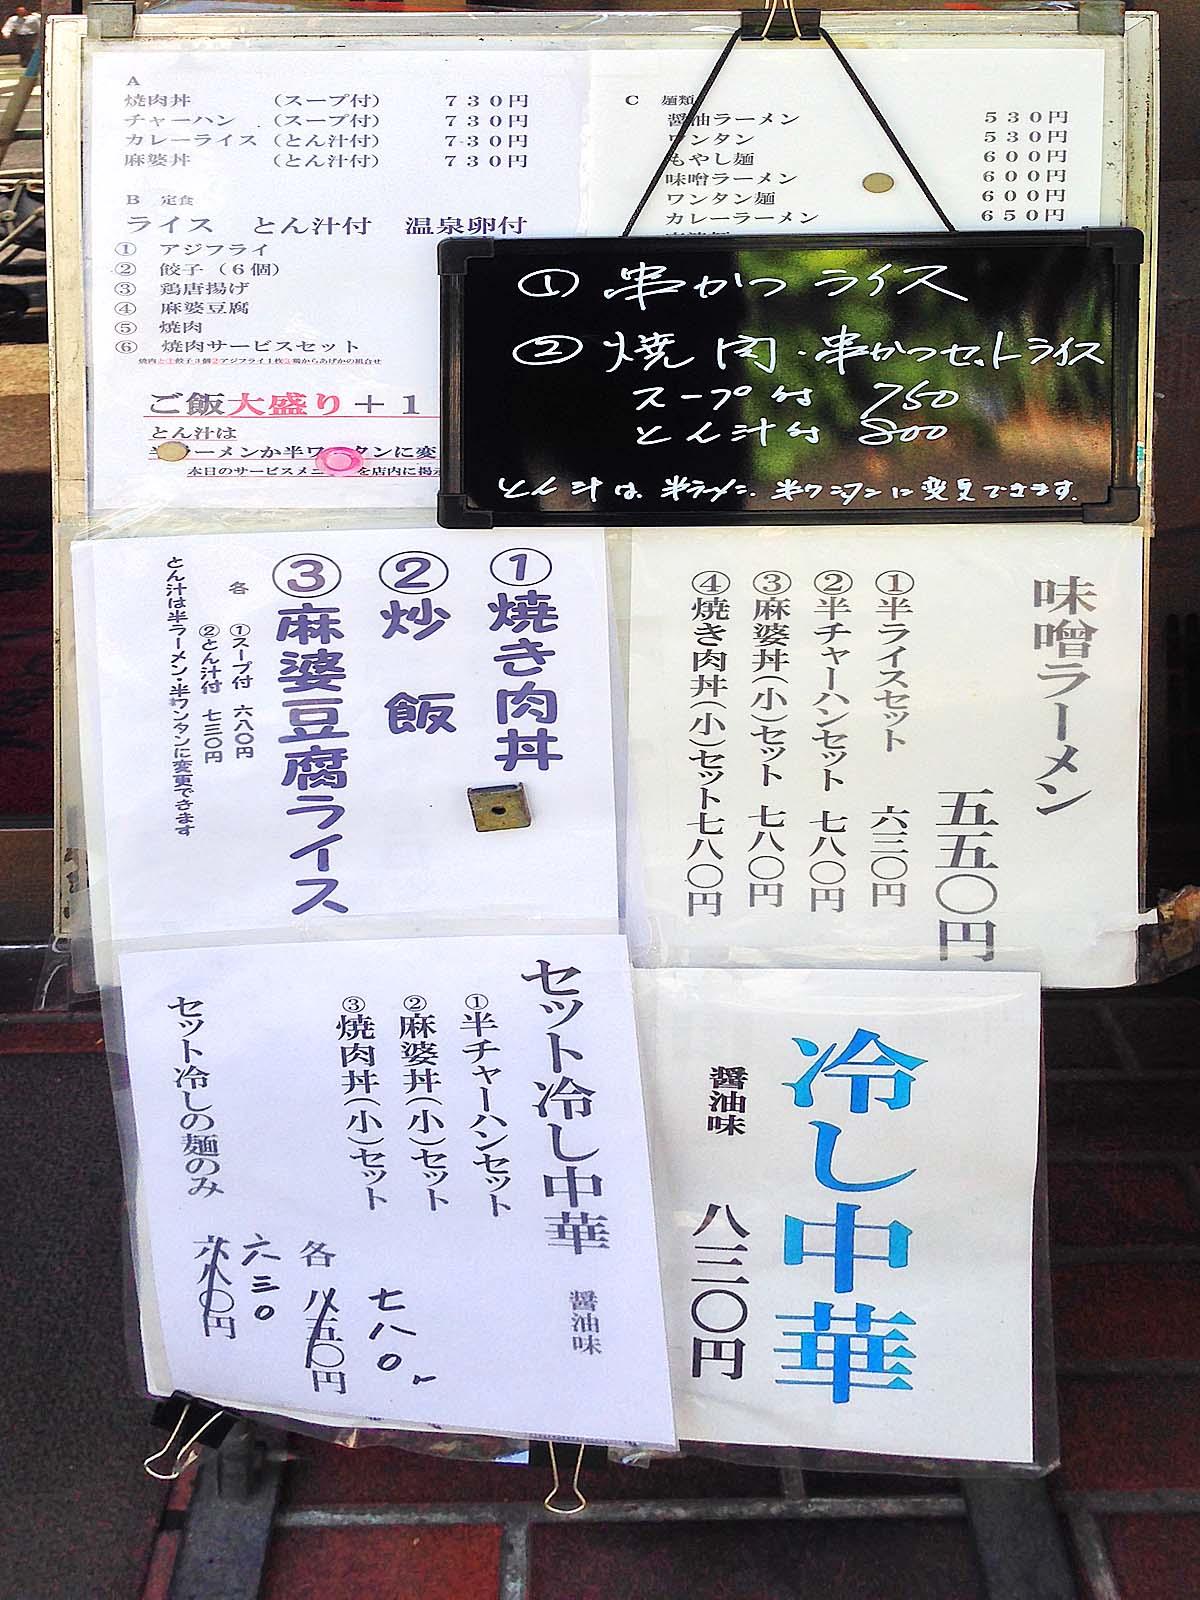 レギュラーメニューに加え日替わりメニューも掲示@神楽坂「五芳斉」